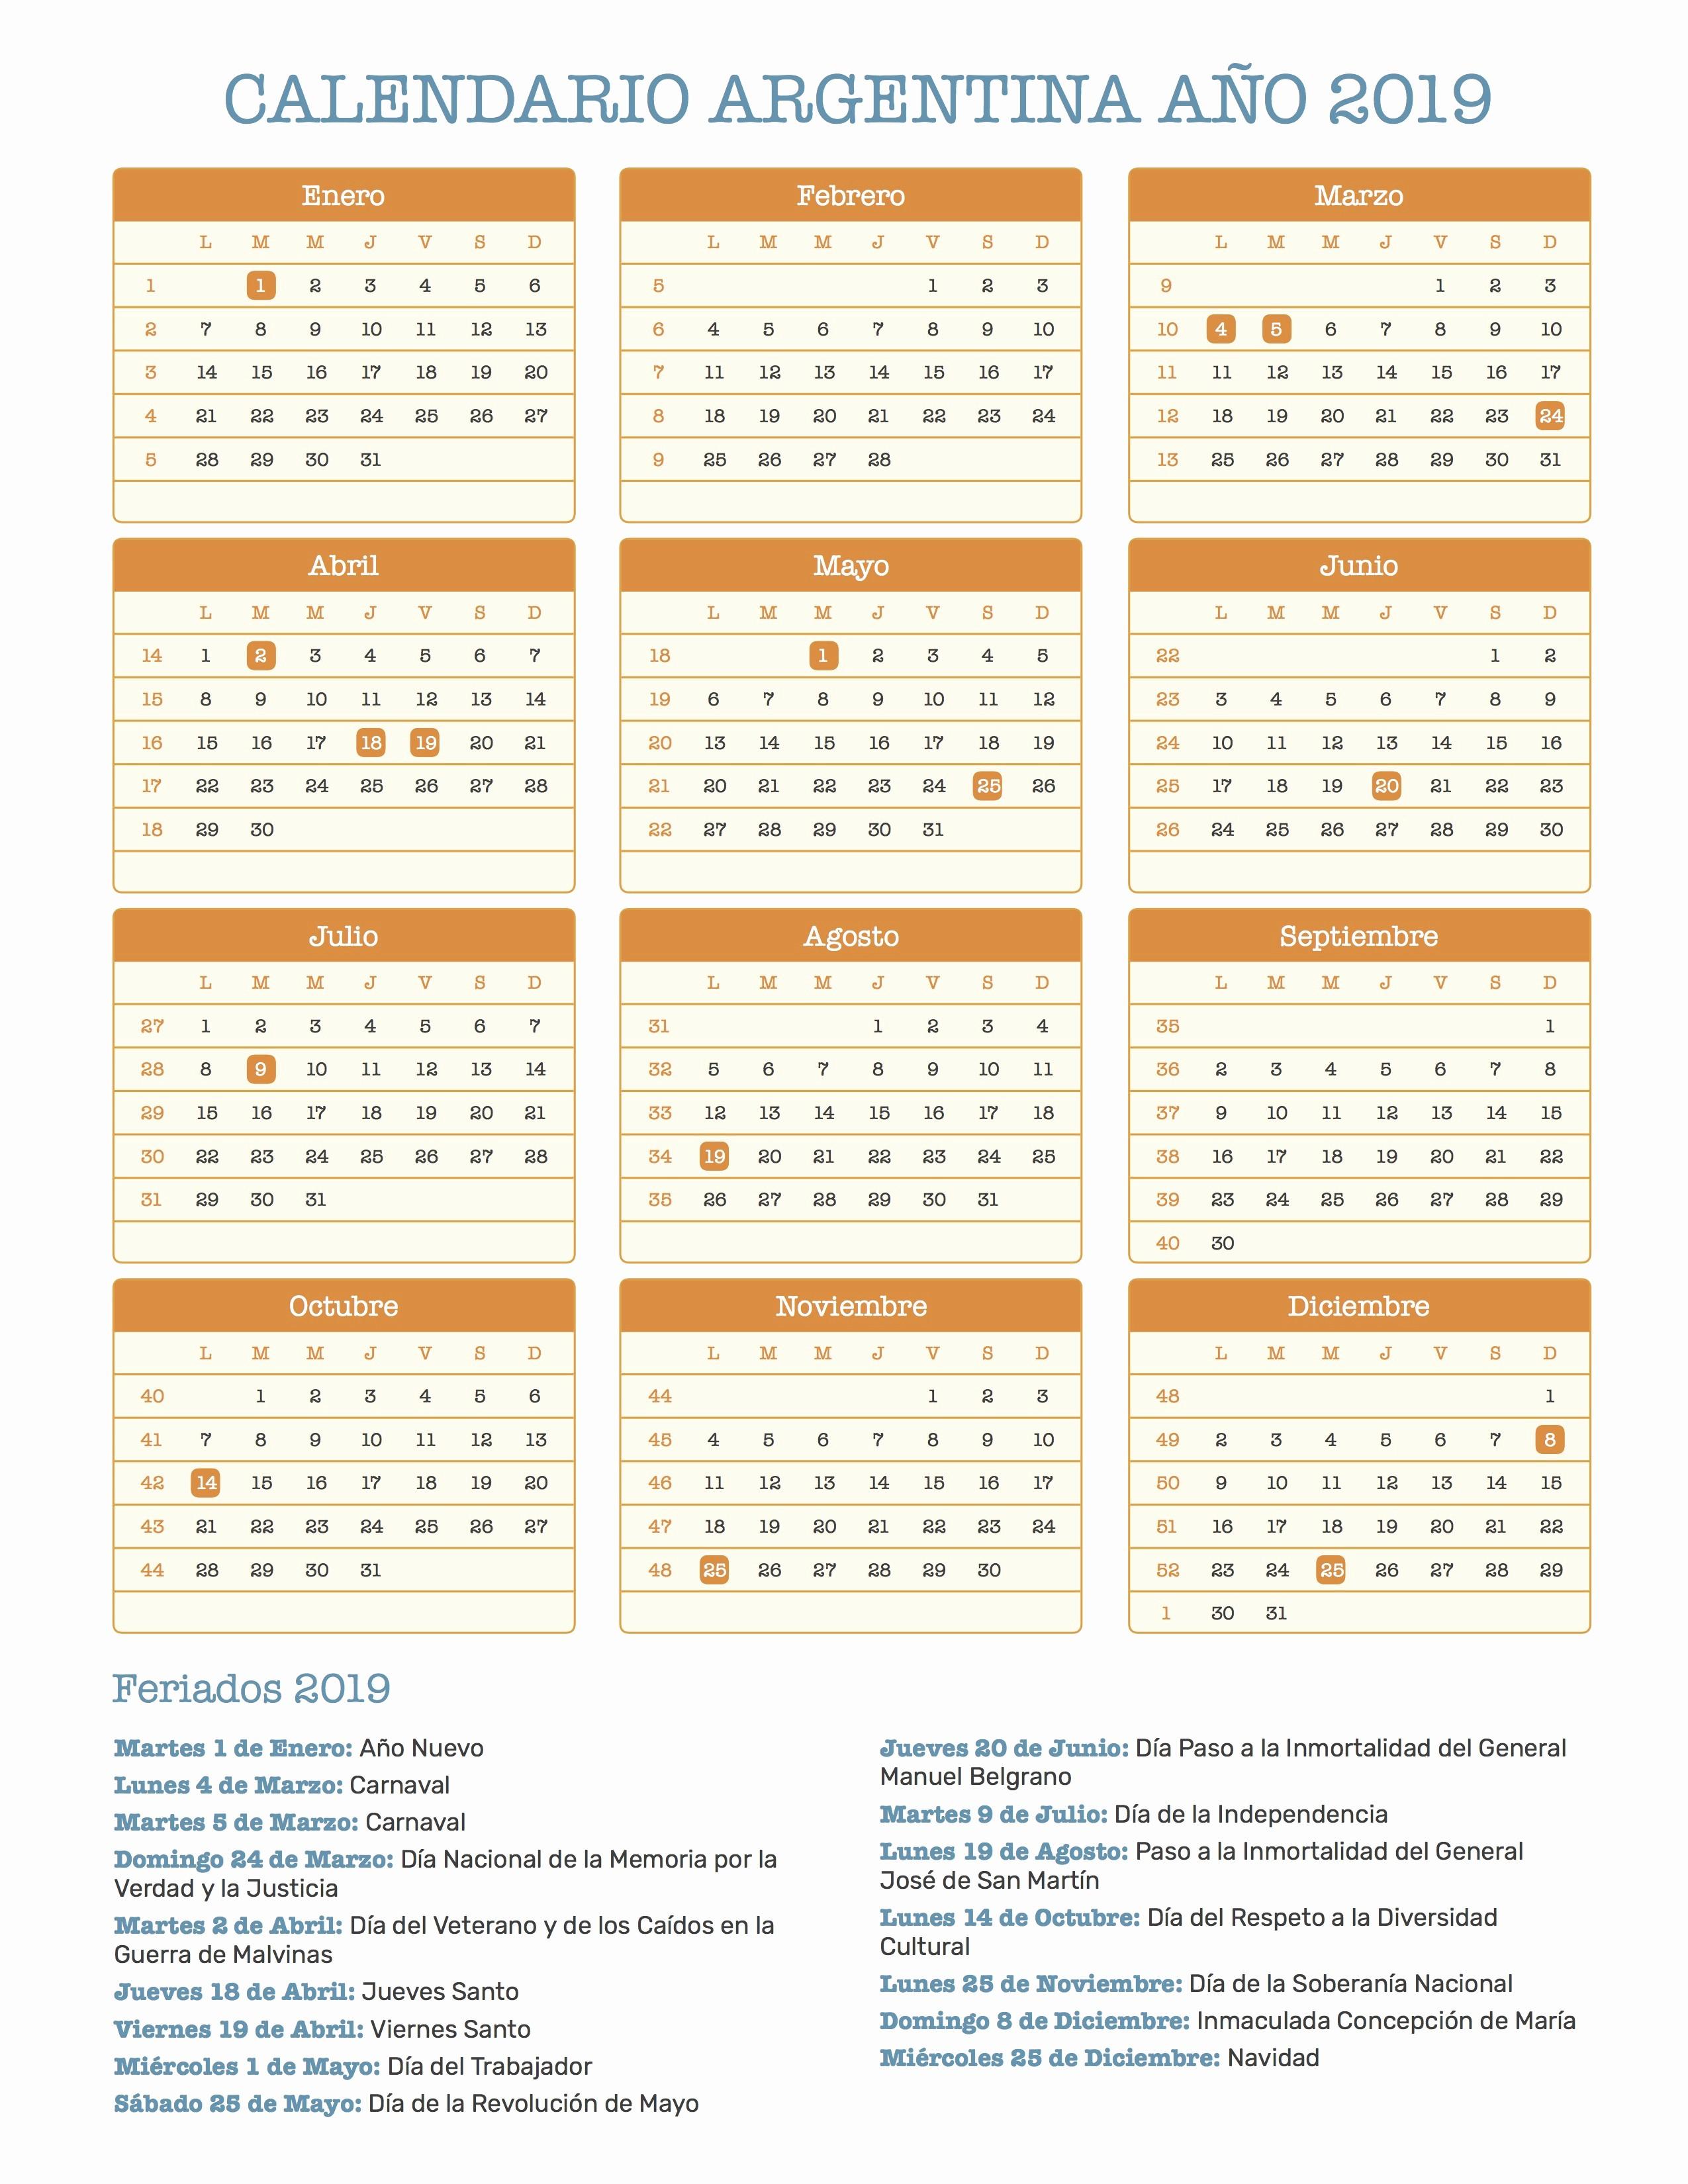 Calendario Dr 2019 Calendario Argentina Ano 2019 Feriados